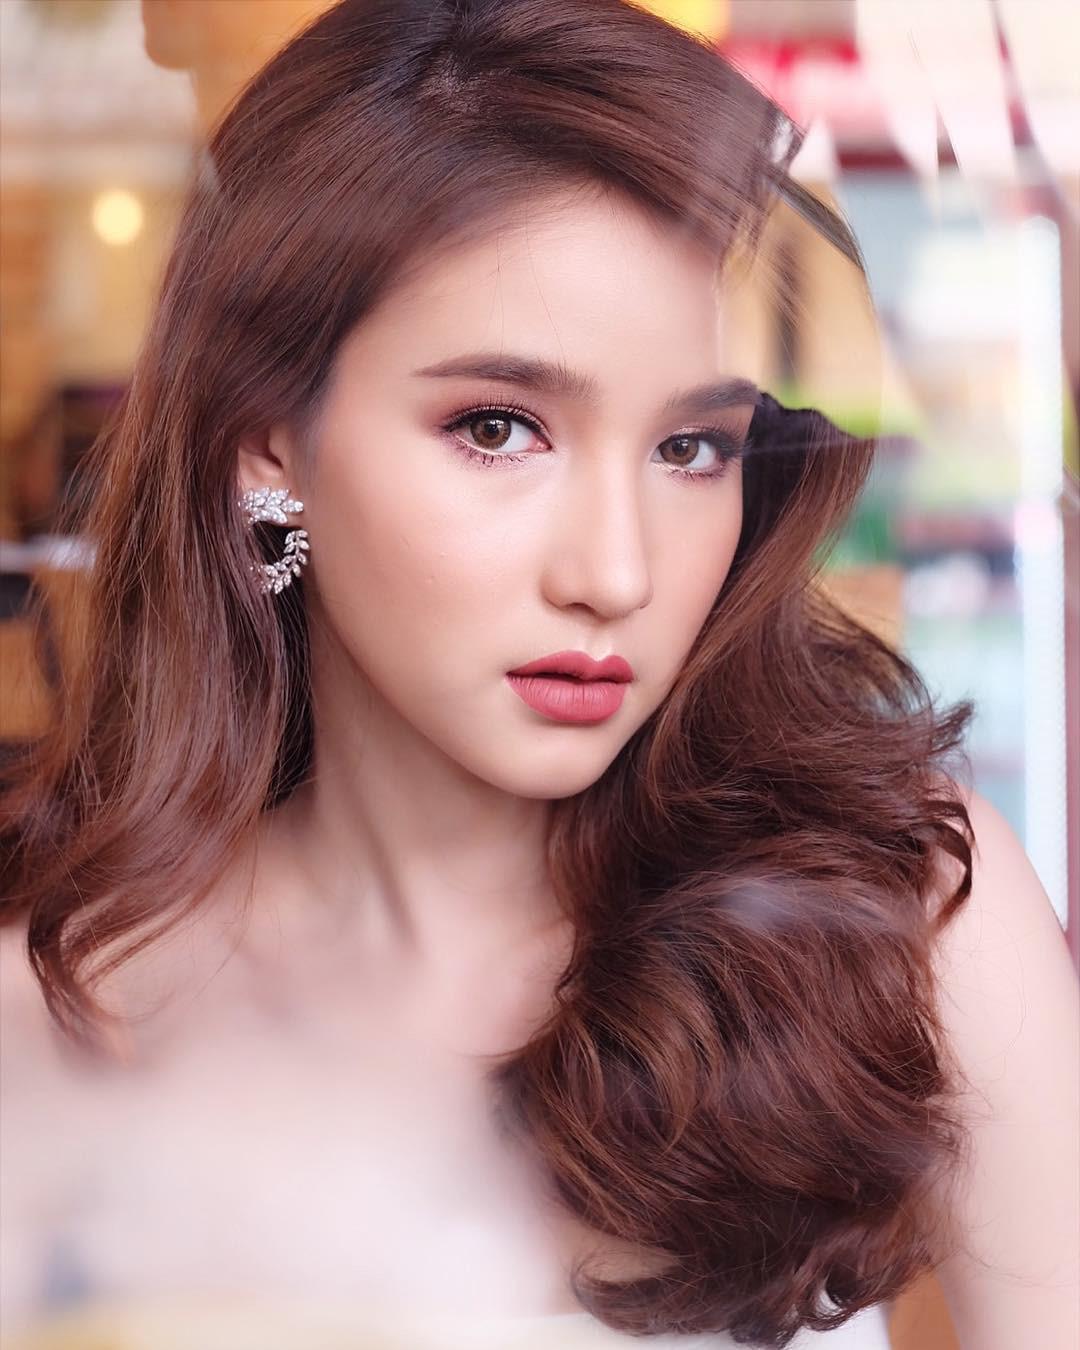 Nhan sắc yêu kiều của mỹ nhân chuyến giới khiến Hương Giang Idol phải lo sợ khi chinh phục ngôi hoa hậu-8